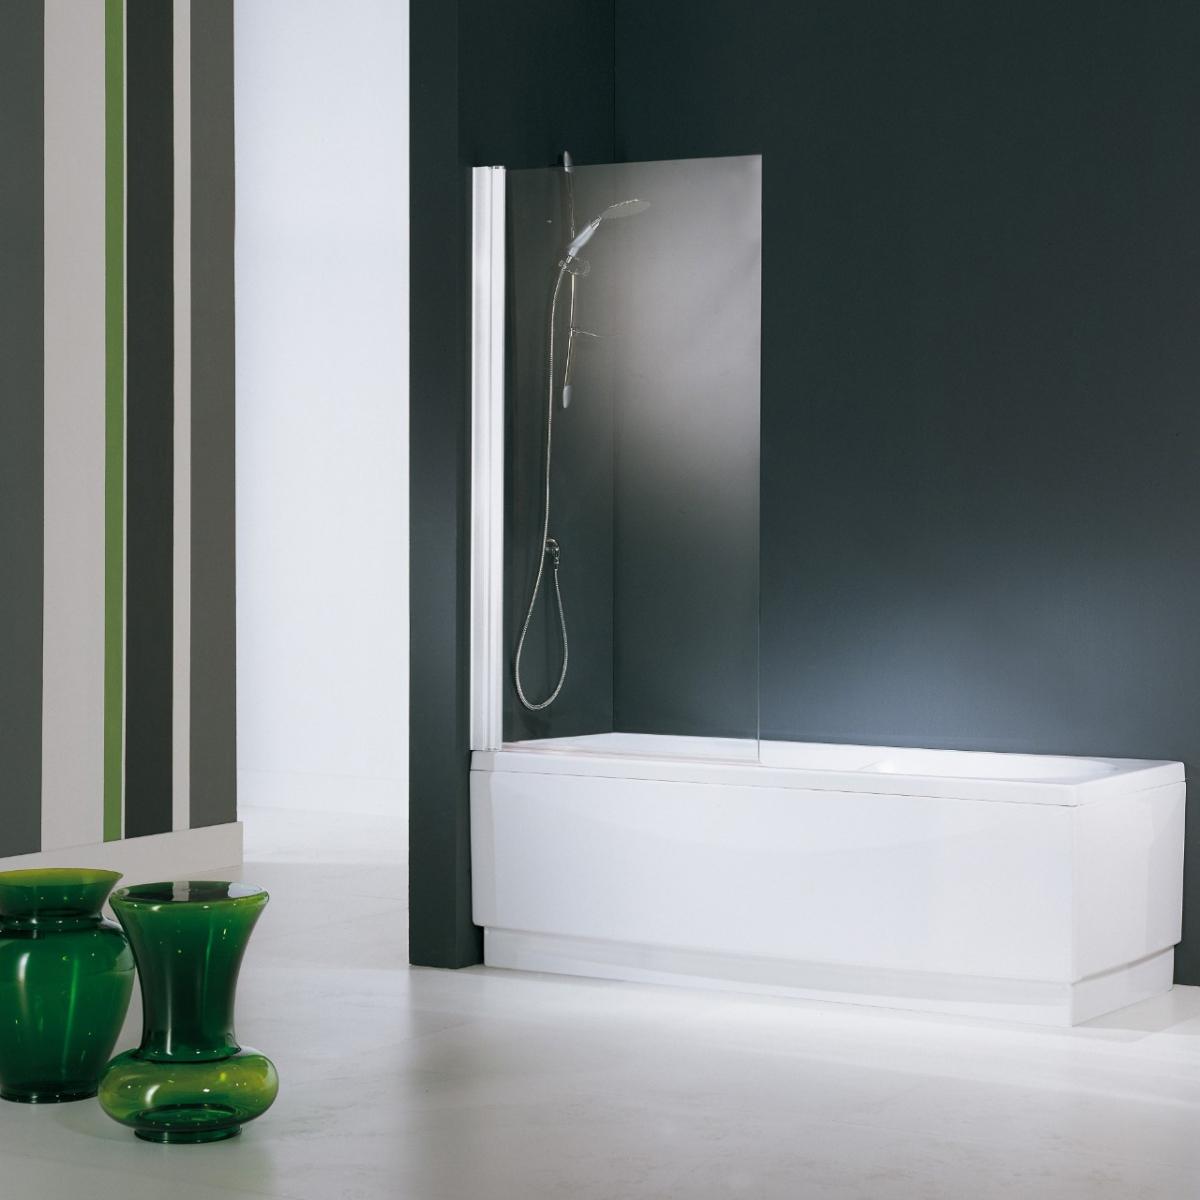 Pare bains aurora 1 novellini induscabel salle de bains chauffage et cuisine - Pare baignoire novellini ...